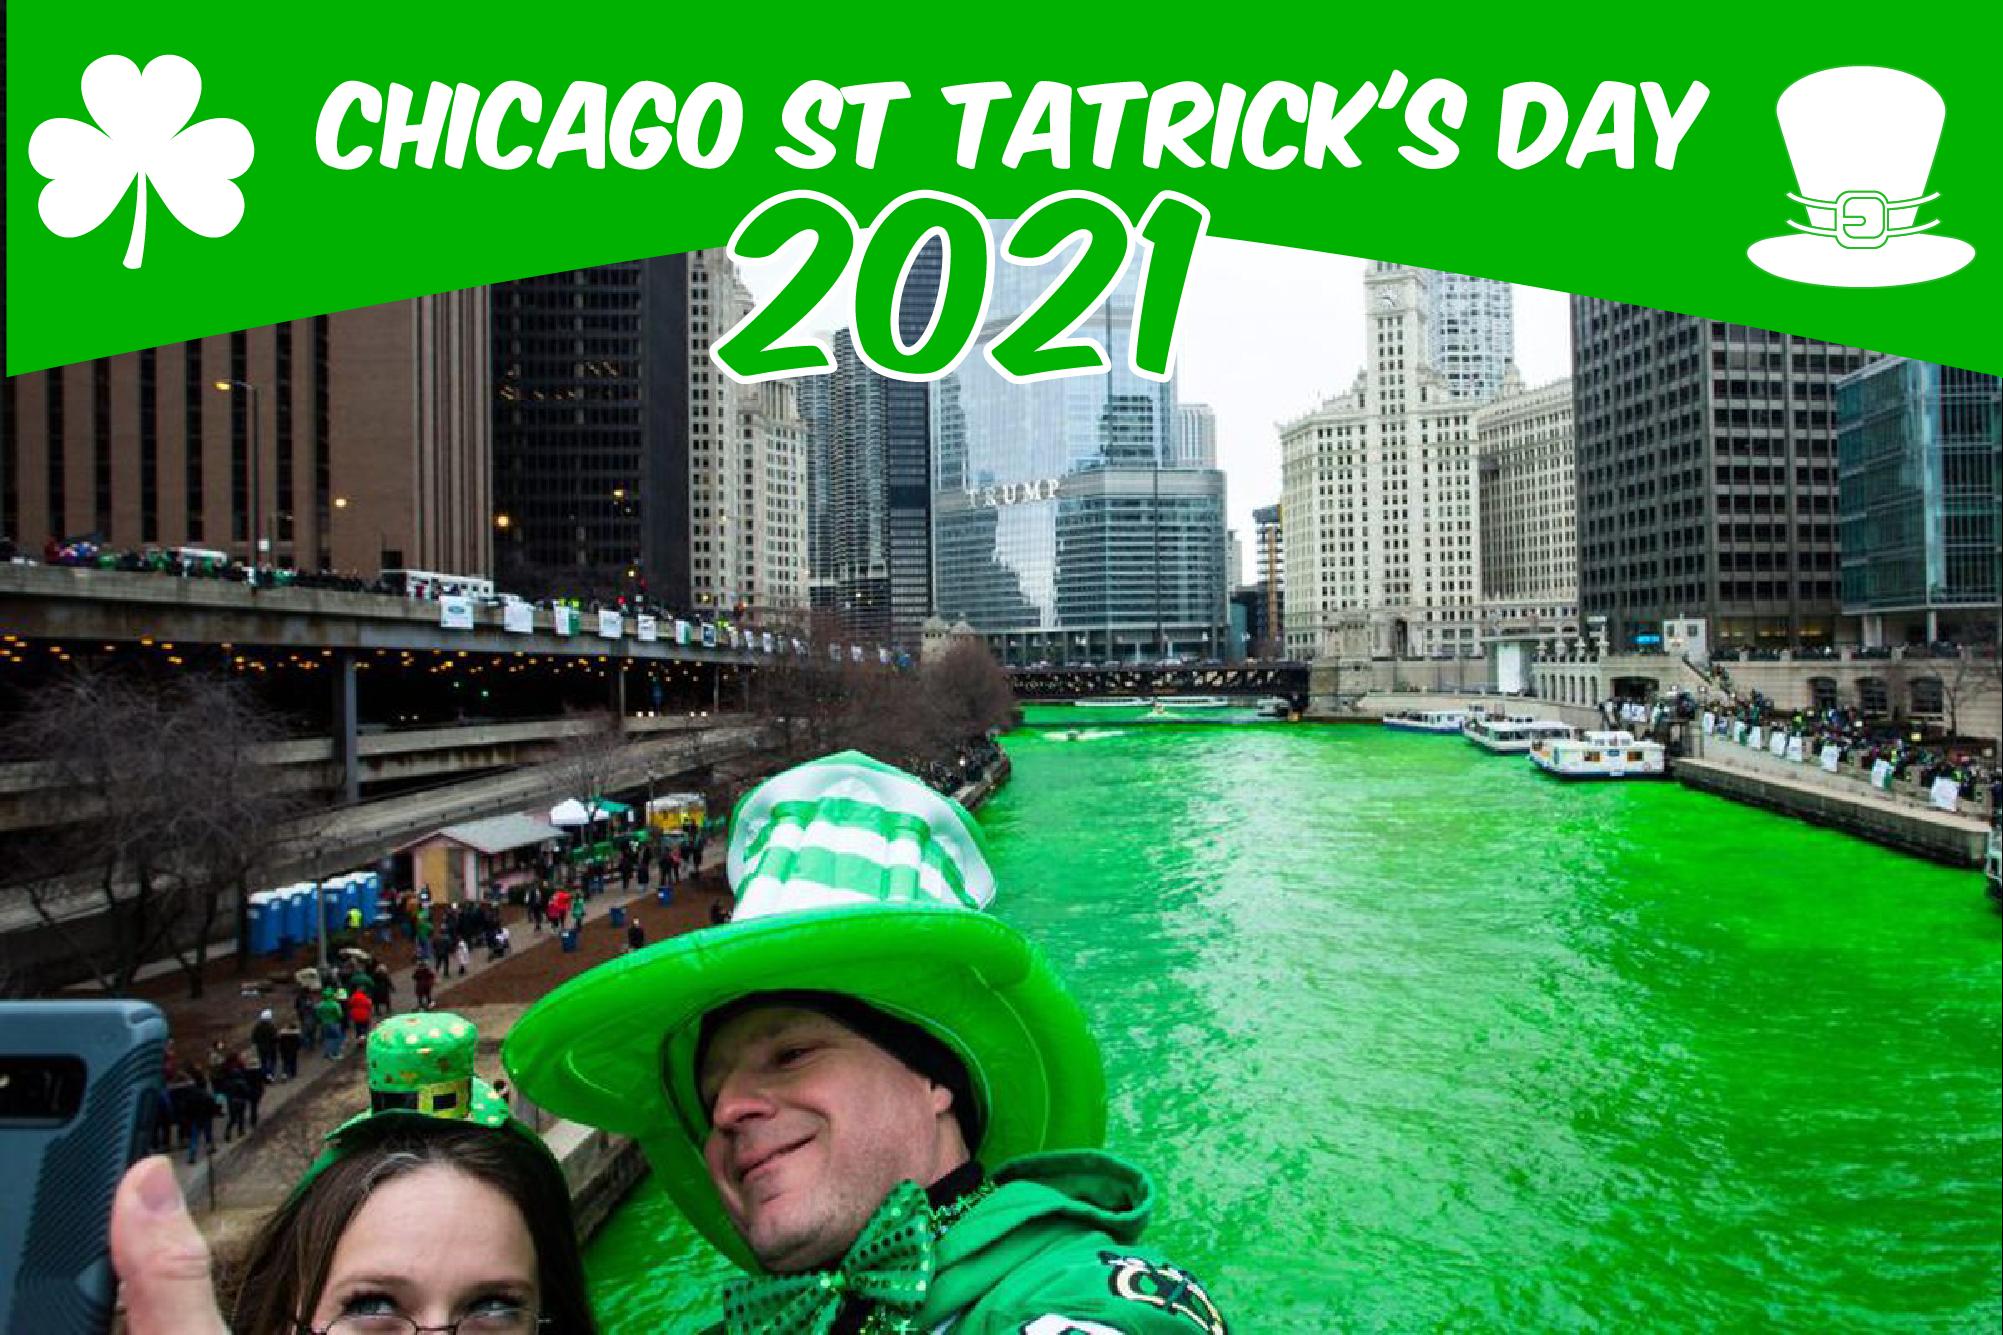 Chicago's St. Patrick's Day celebration 2021